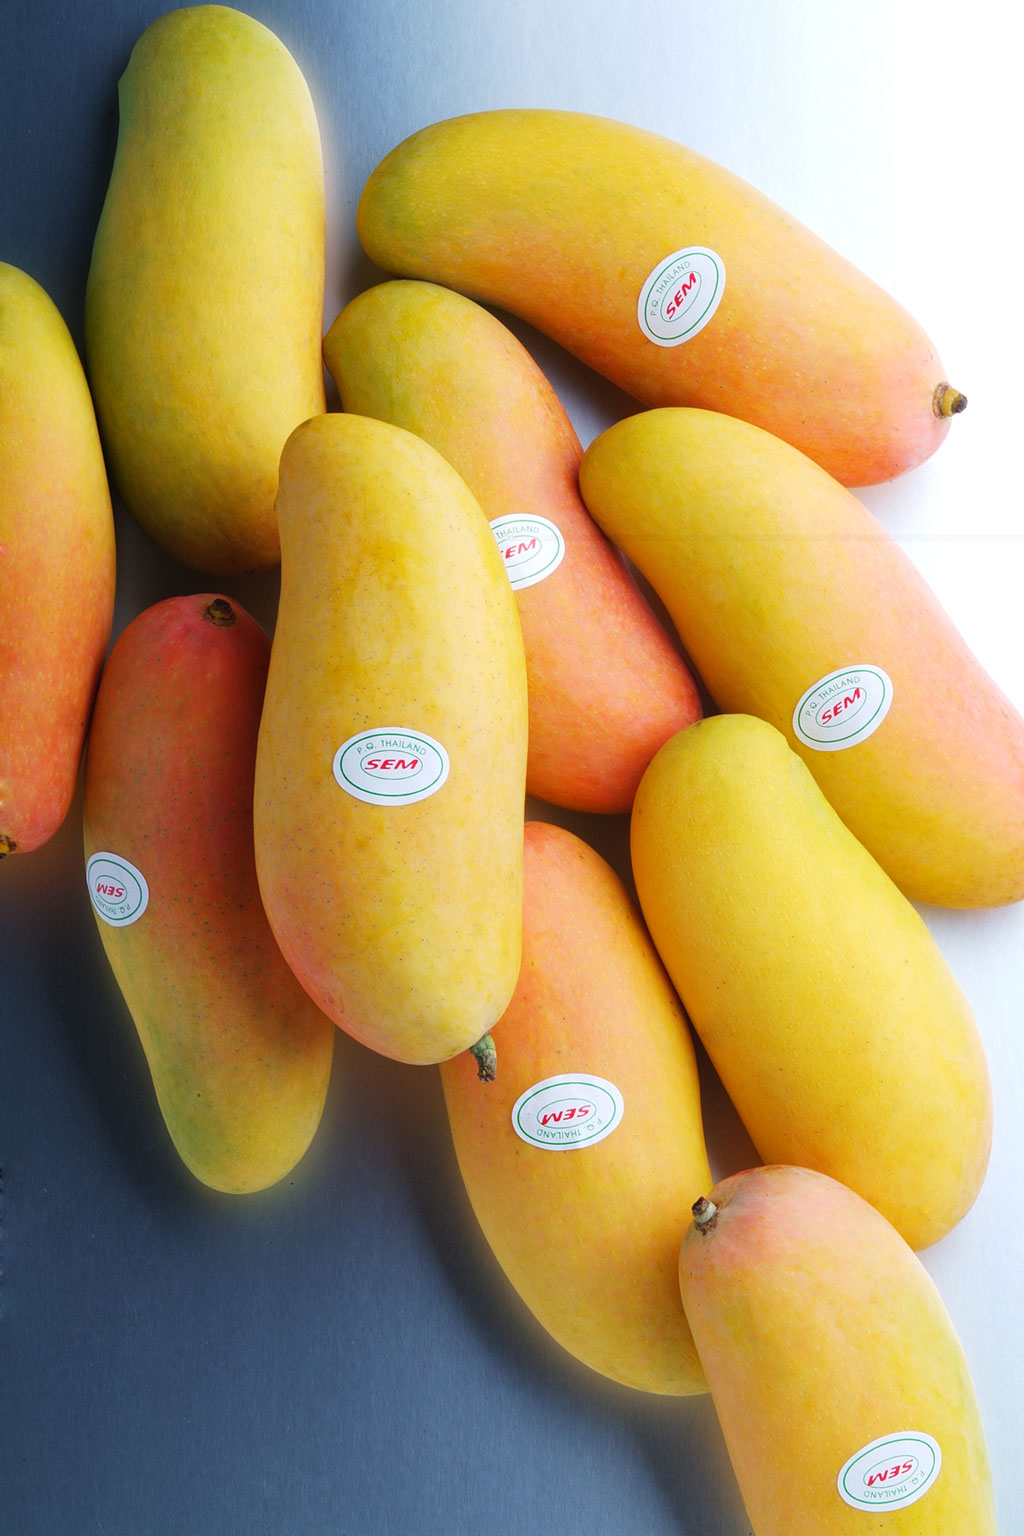 """マハチャノ種【ベストシーズン:4〜5月】 国内市場でも稀少な「マハチャノ種」はタイのオリジナル品種。""""タイ国民の父""""と慕われたラマ9世前国王陛下の即位60周年を記念し、2006年より日本への輸出が解禁されました。アップルマンゴーとの交配種で、華やかな香りが印象的です。"""